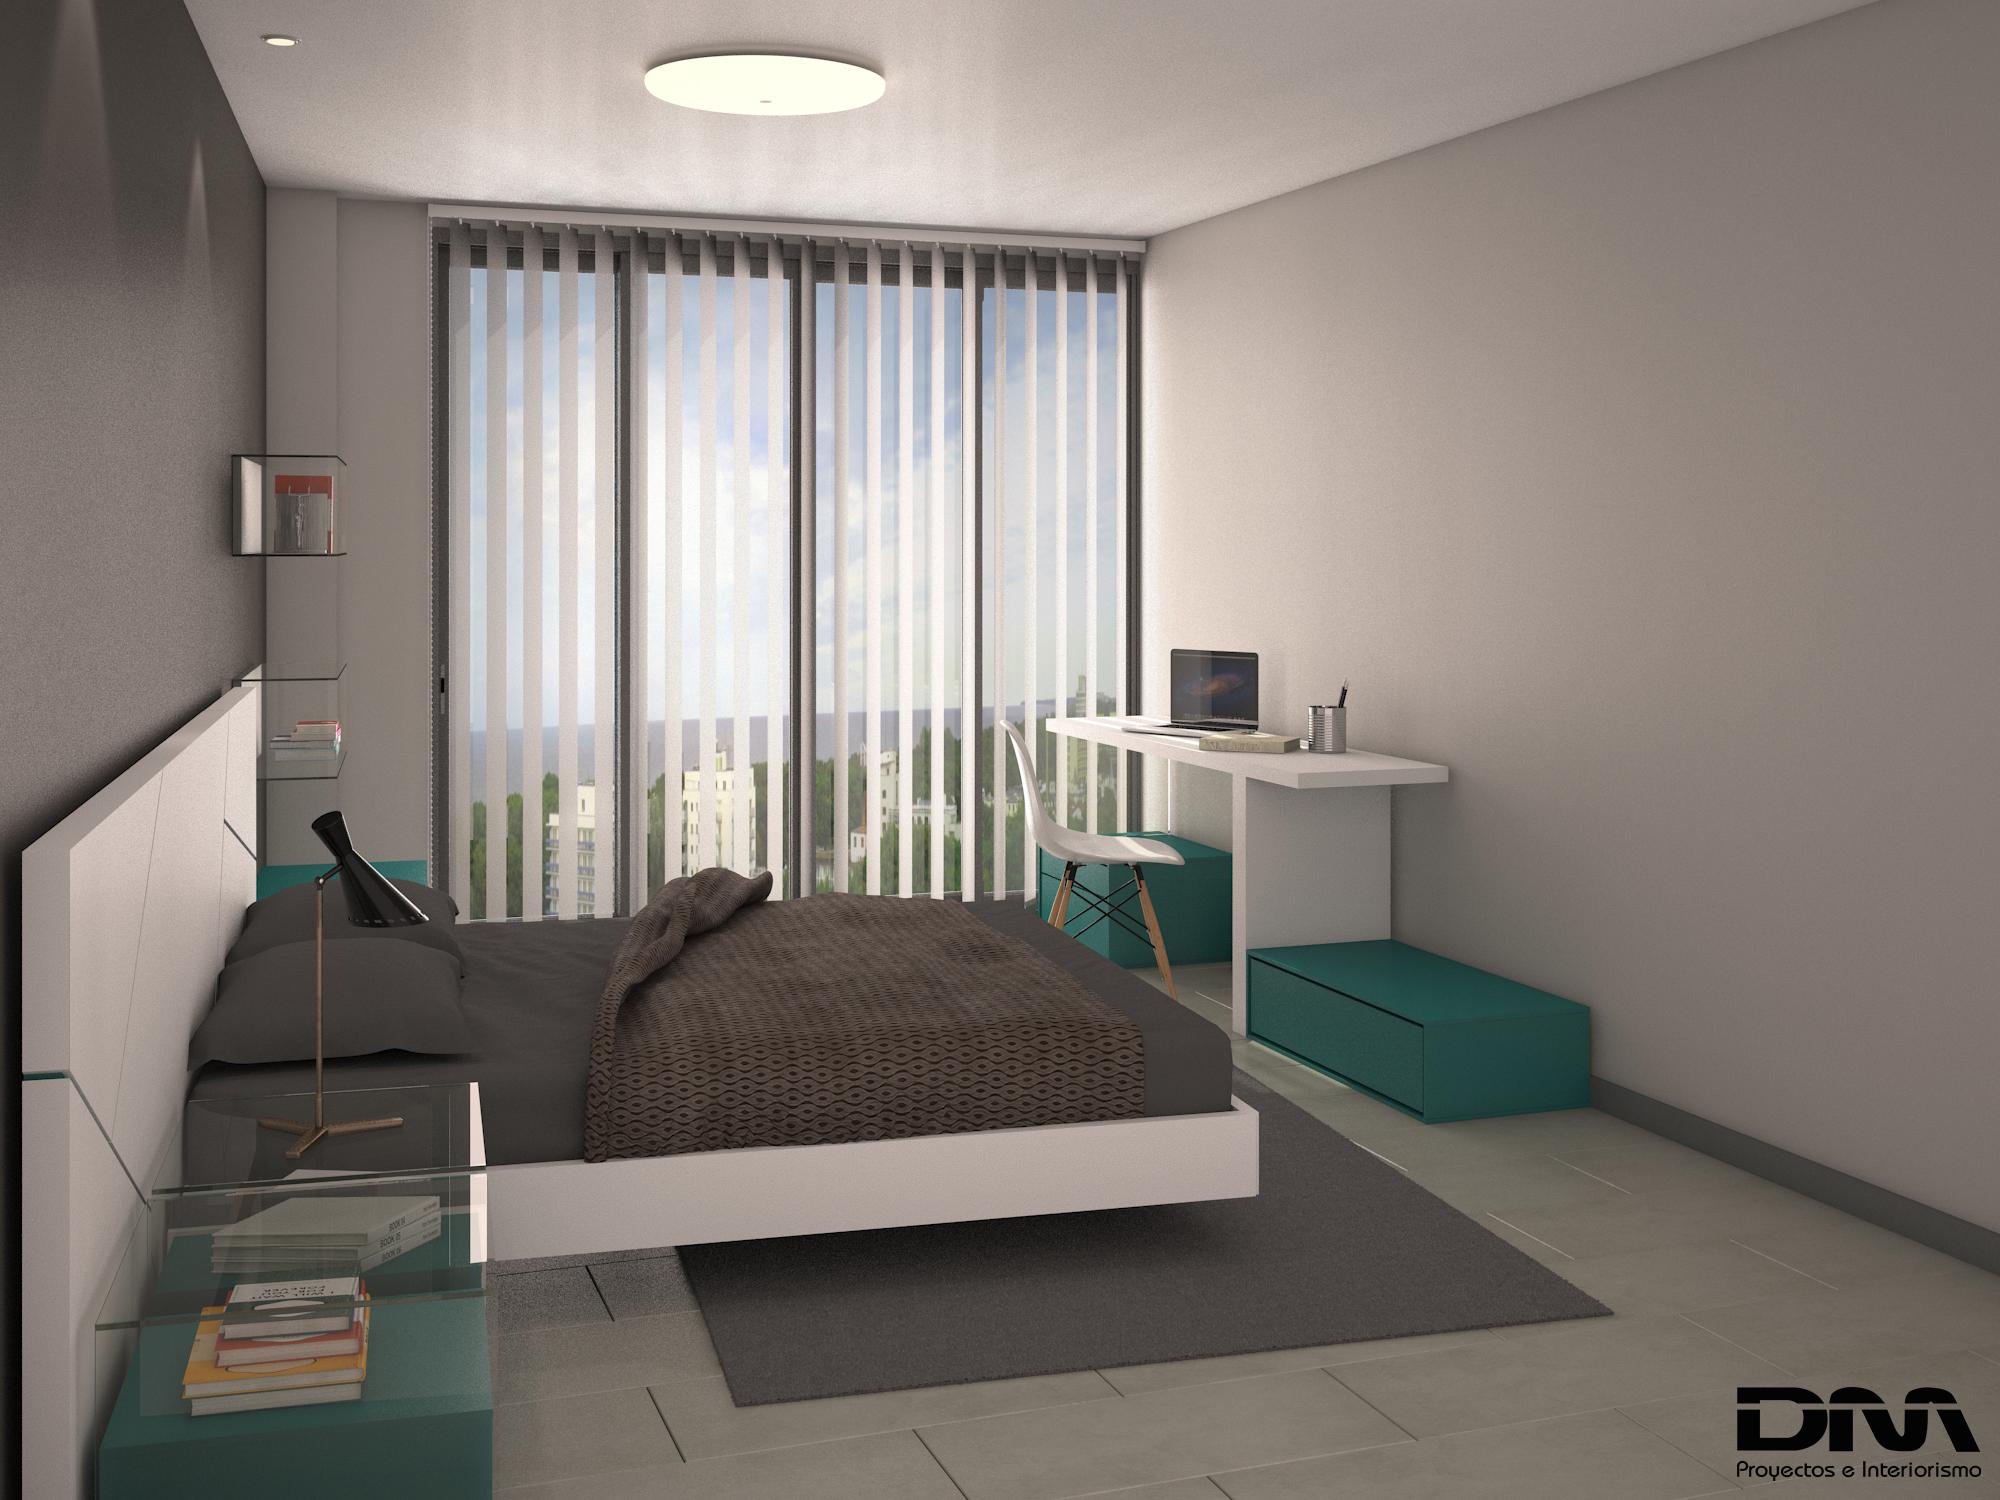 Proyectos de interiorismo 3d para viviendas en valencia - Habitacion juvenil diseno ...